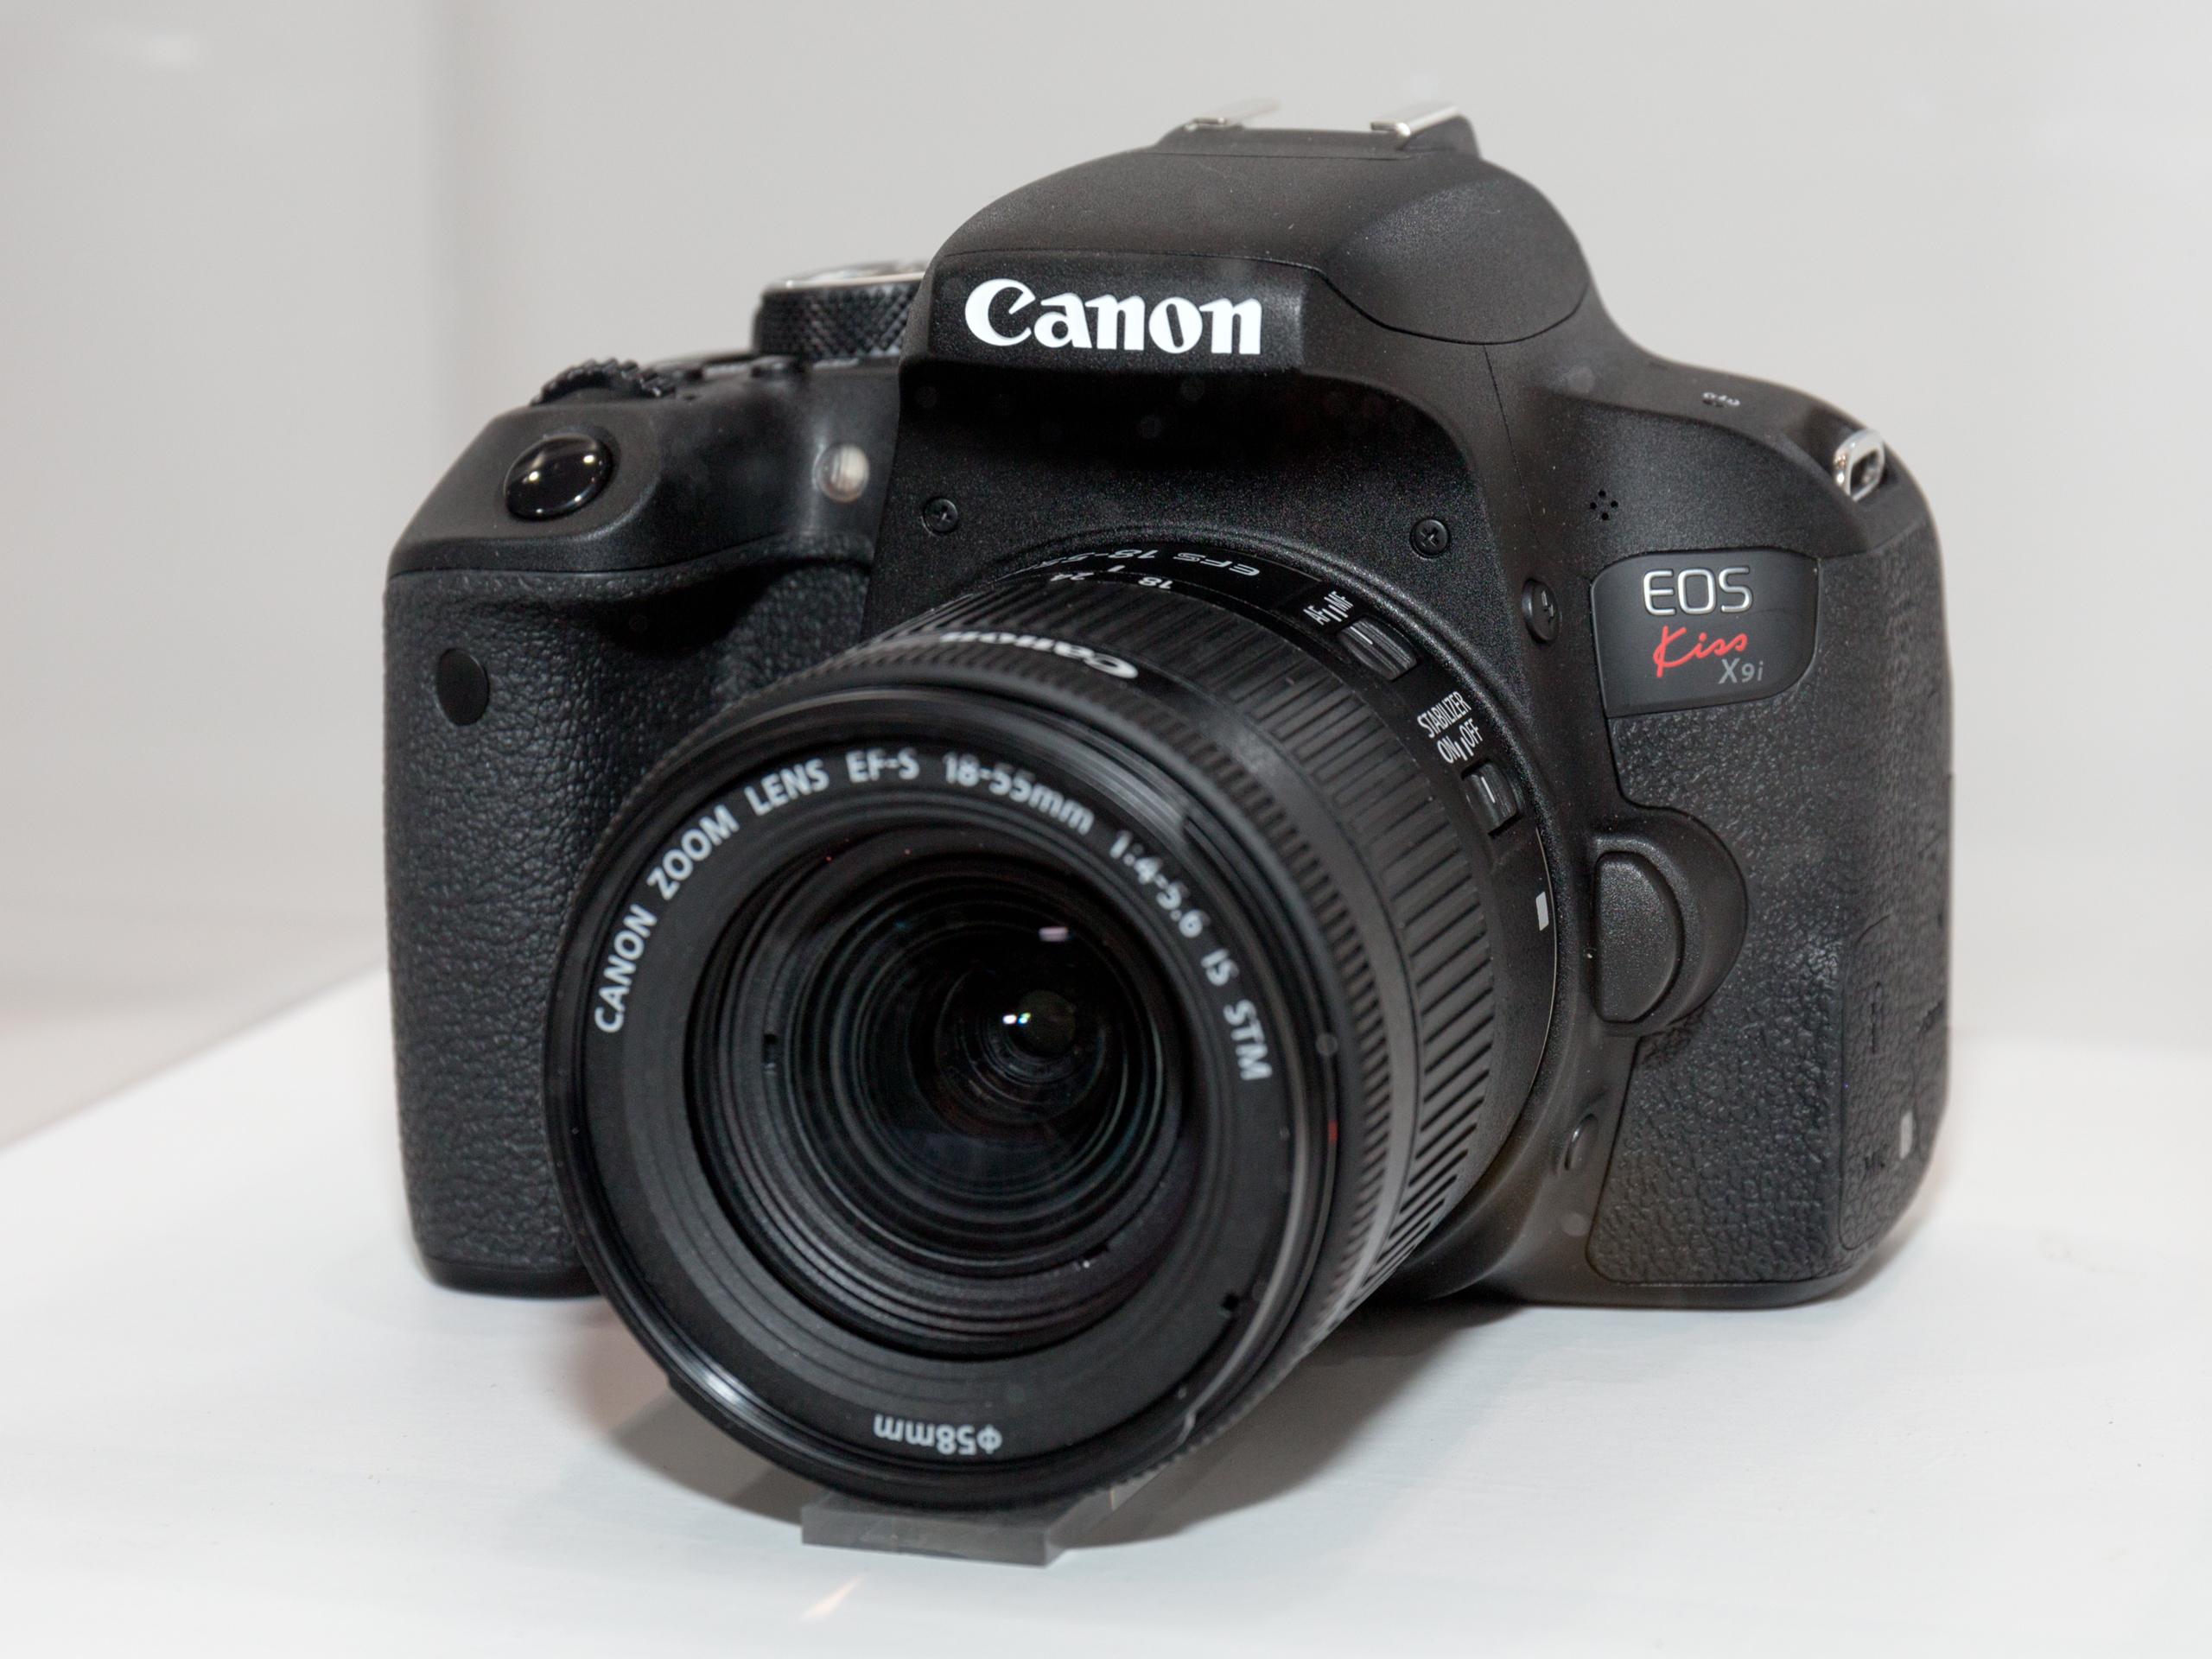 Canon EOS 800D - Wikipedia